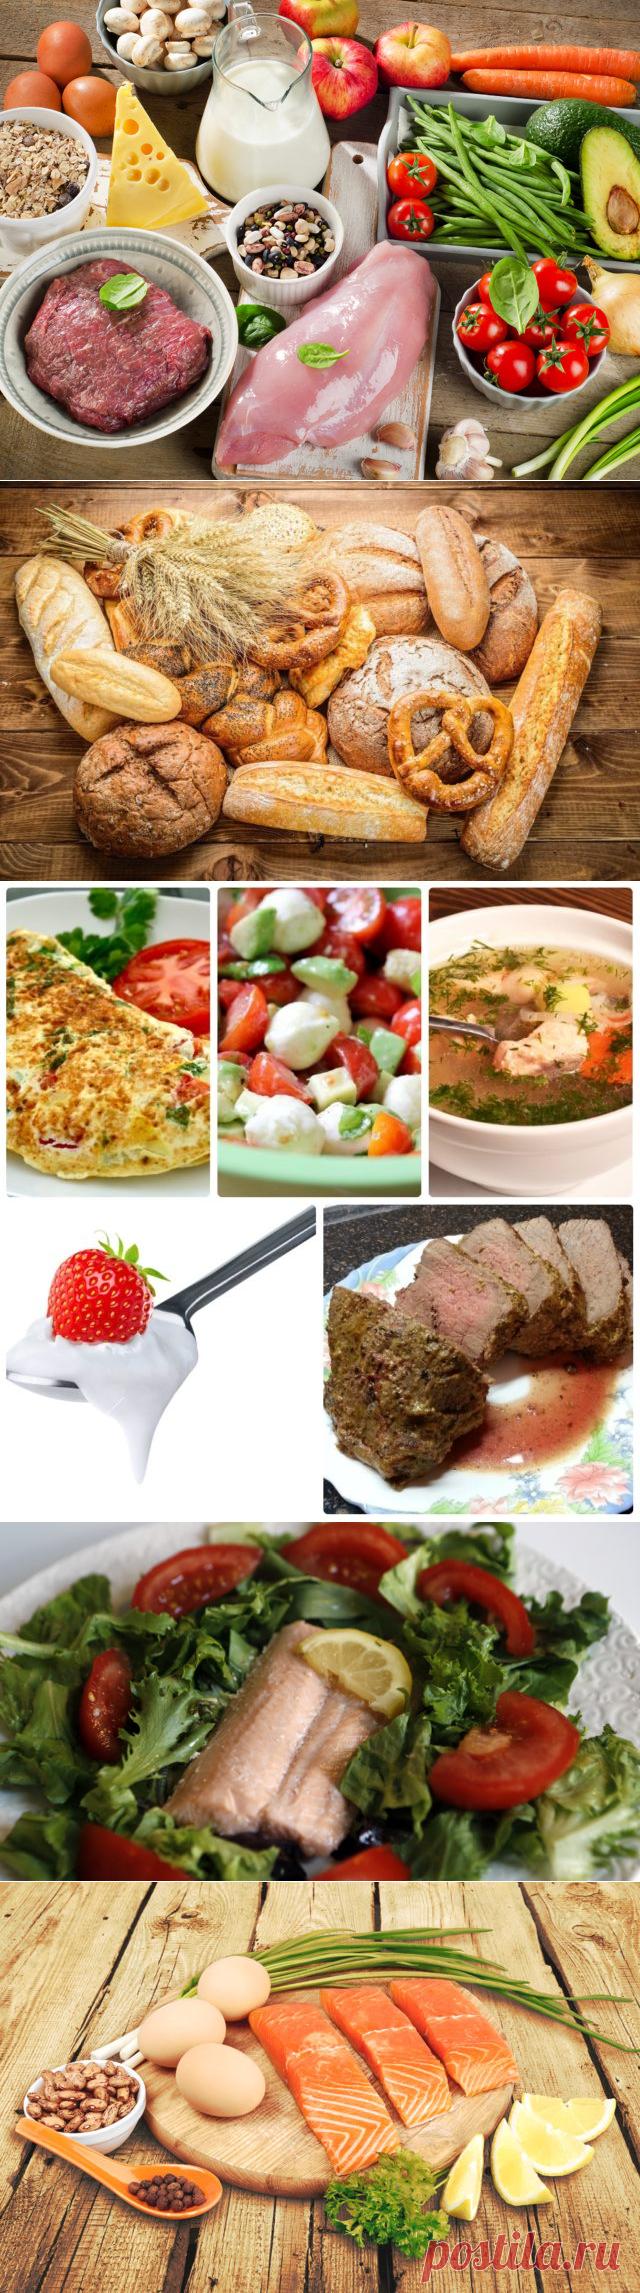 Эффективная белково-овощная диета: особенности, меню на неделю